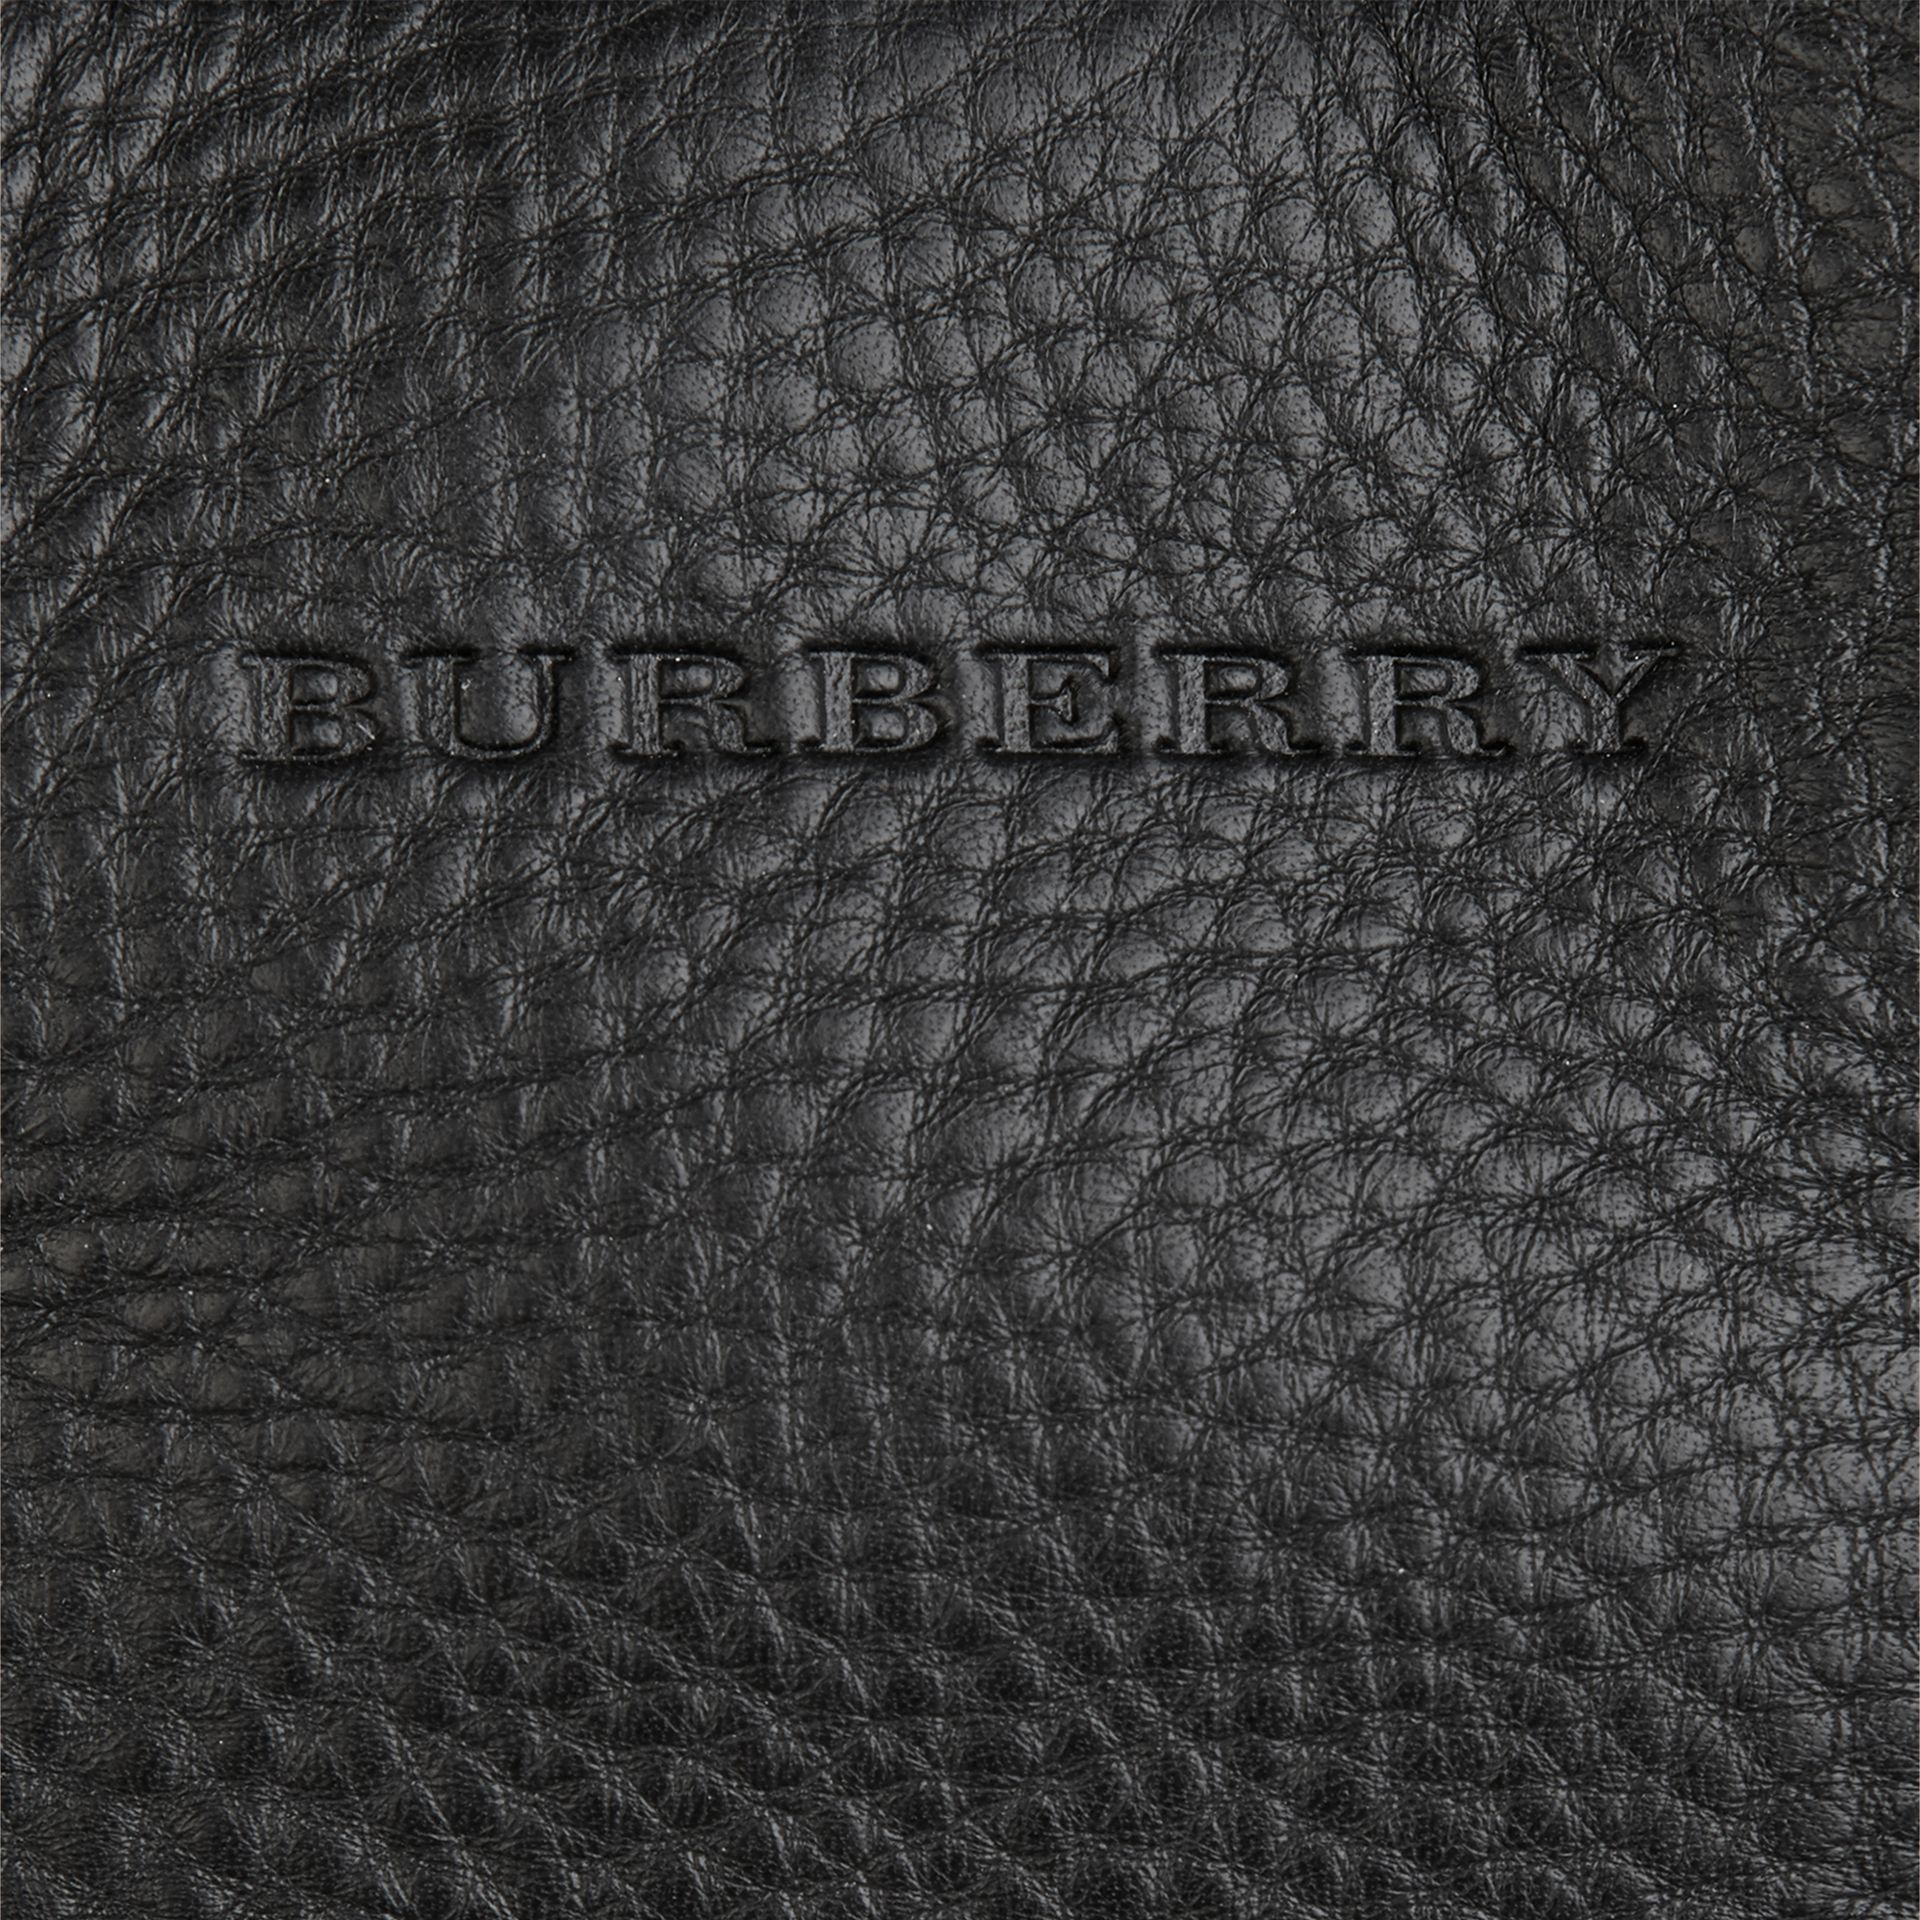 Nero Borsa tote piccola in pelle con dettaglio motivo check Nero - immagine della galleria 2